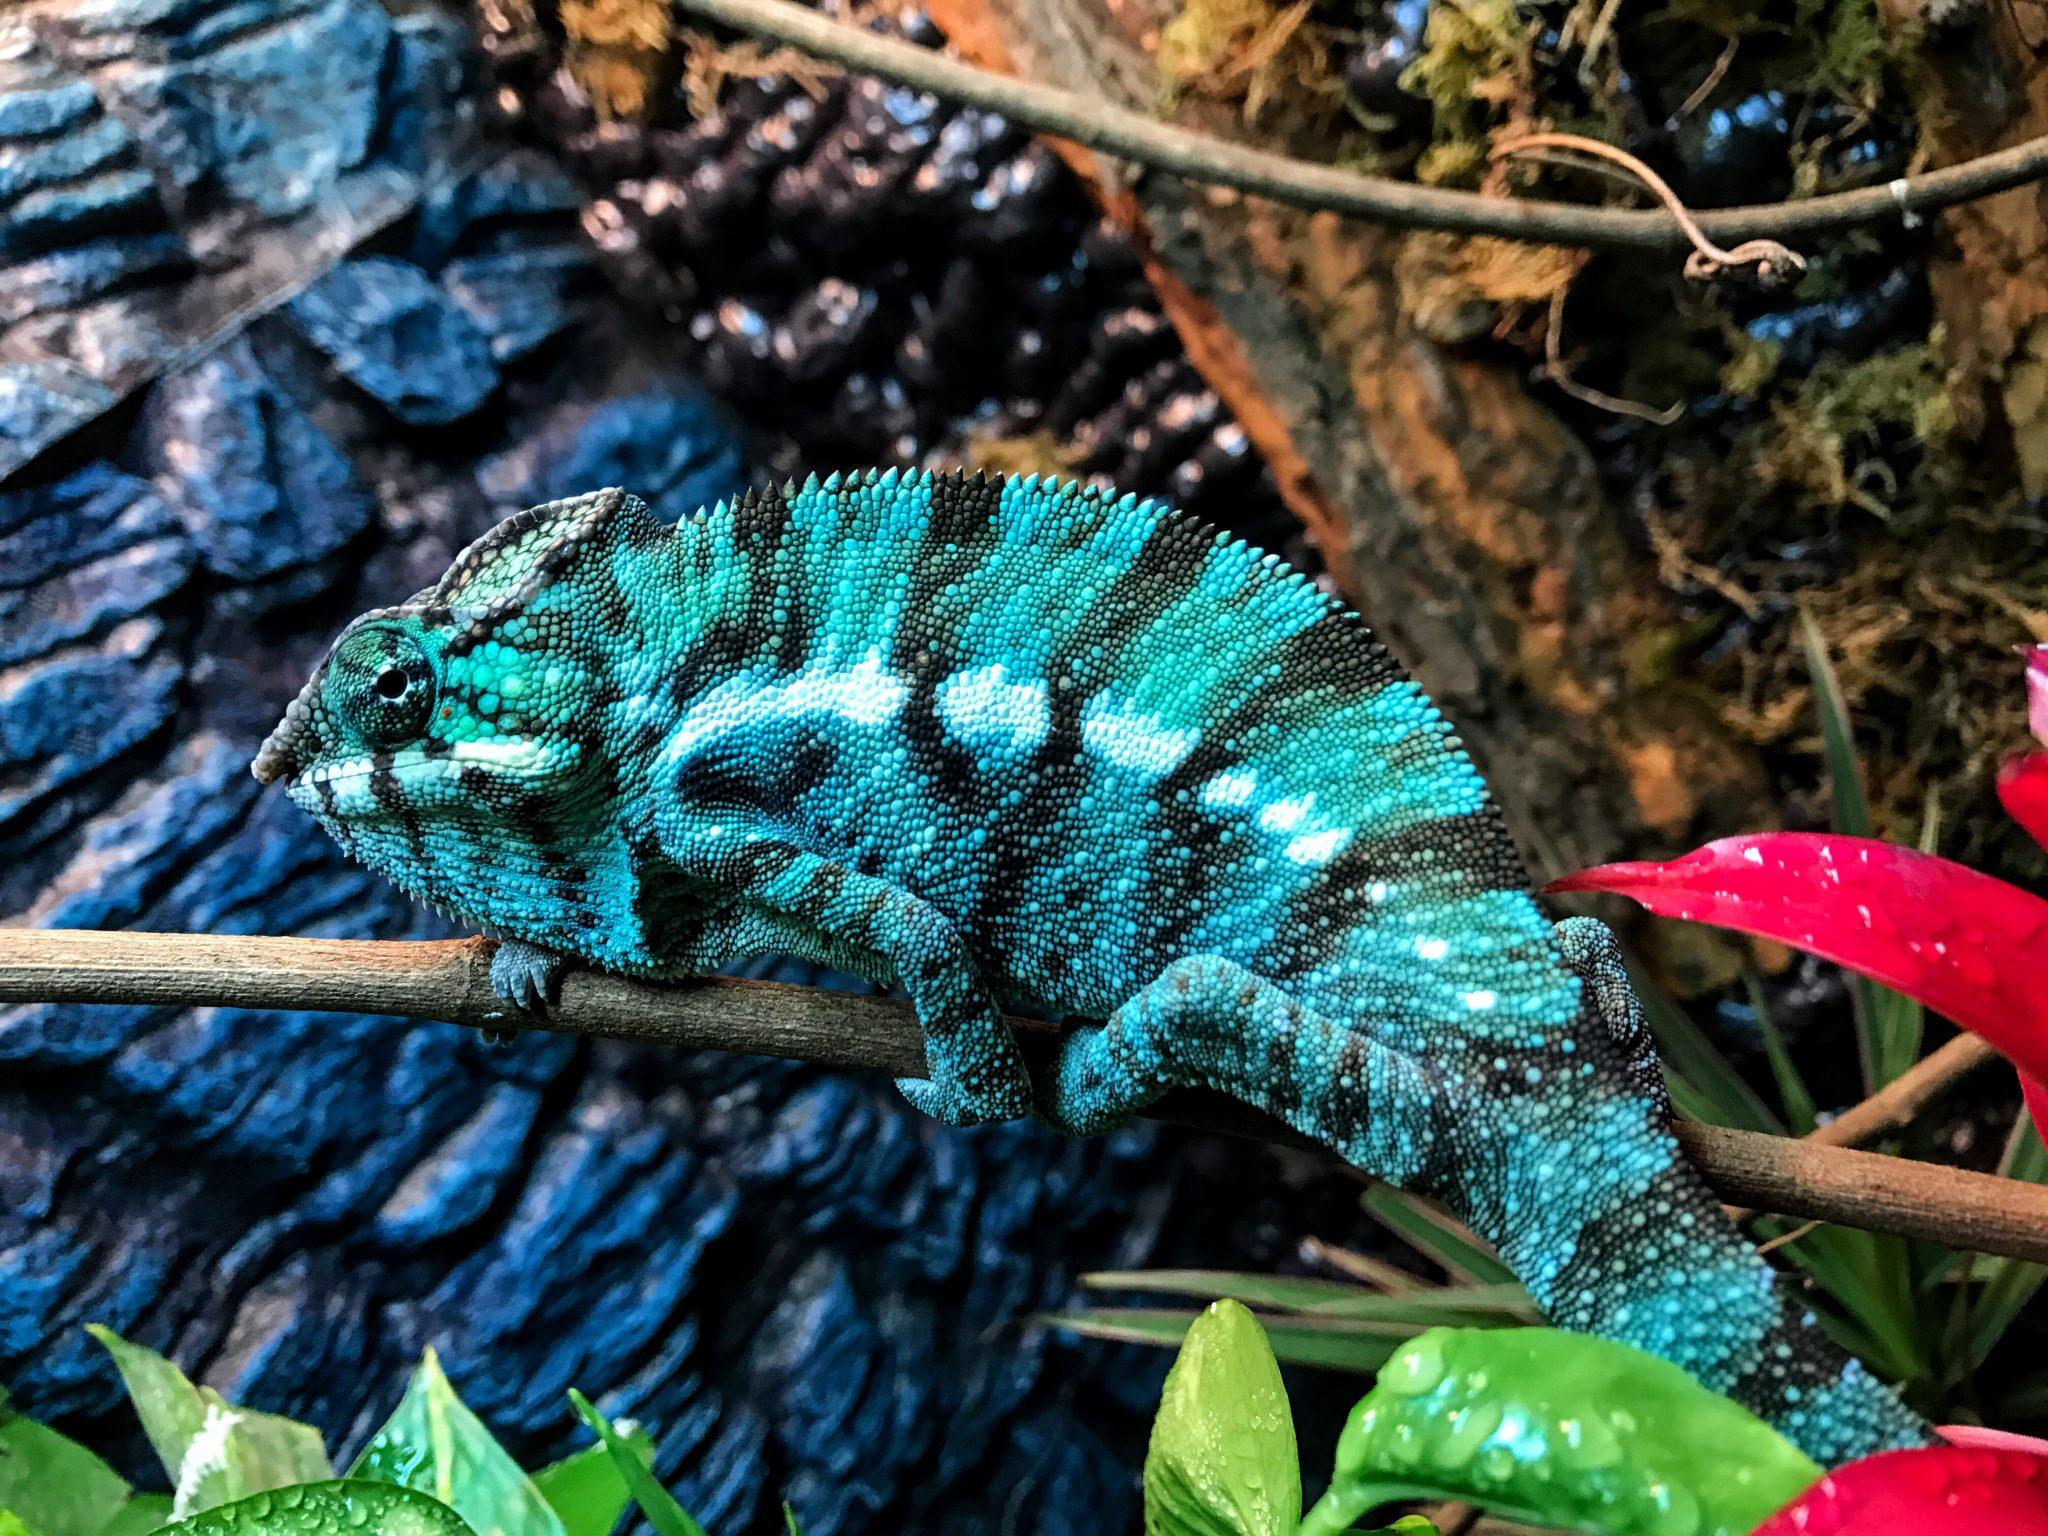 Chromatic Chameleons | Hand Raised Baby Chameleons ...